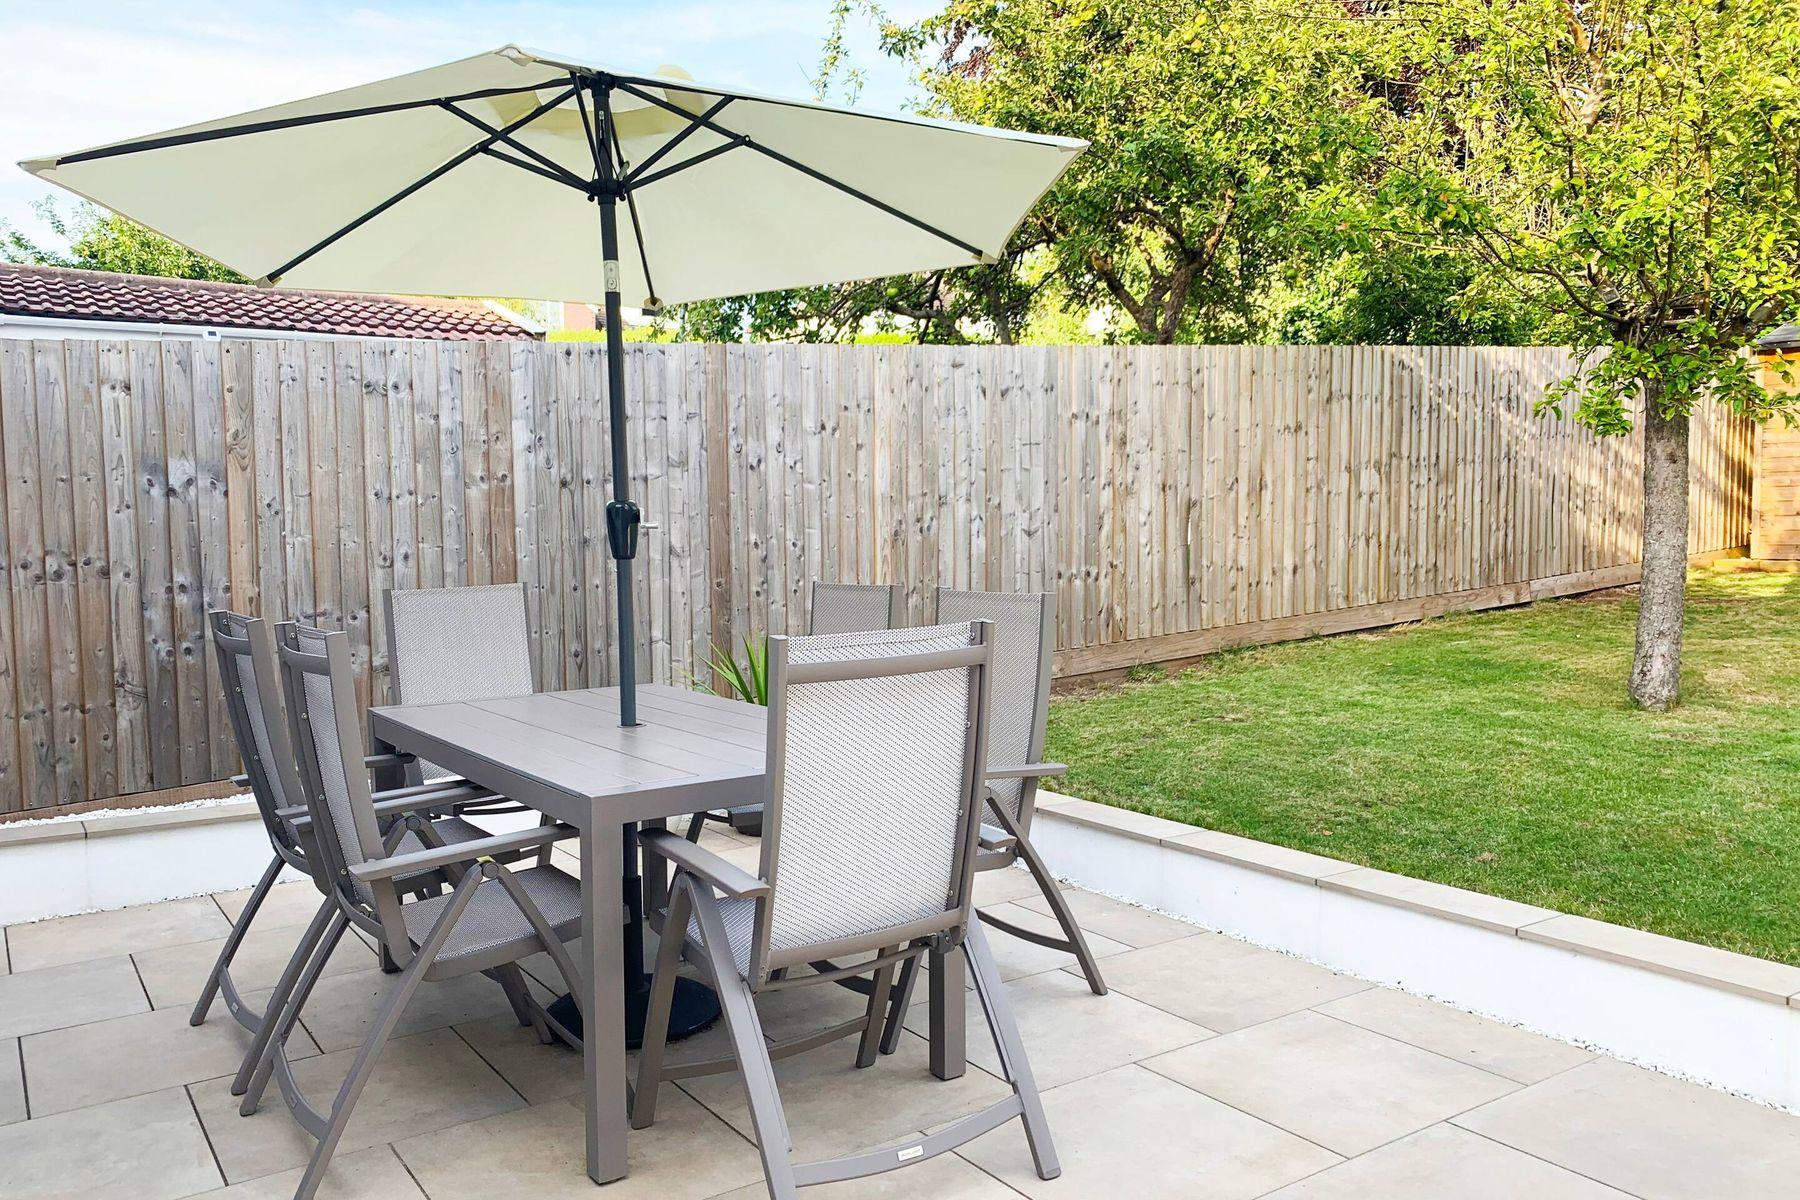 tavolo con ombrelone e albero in giardino